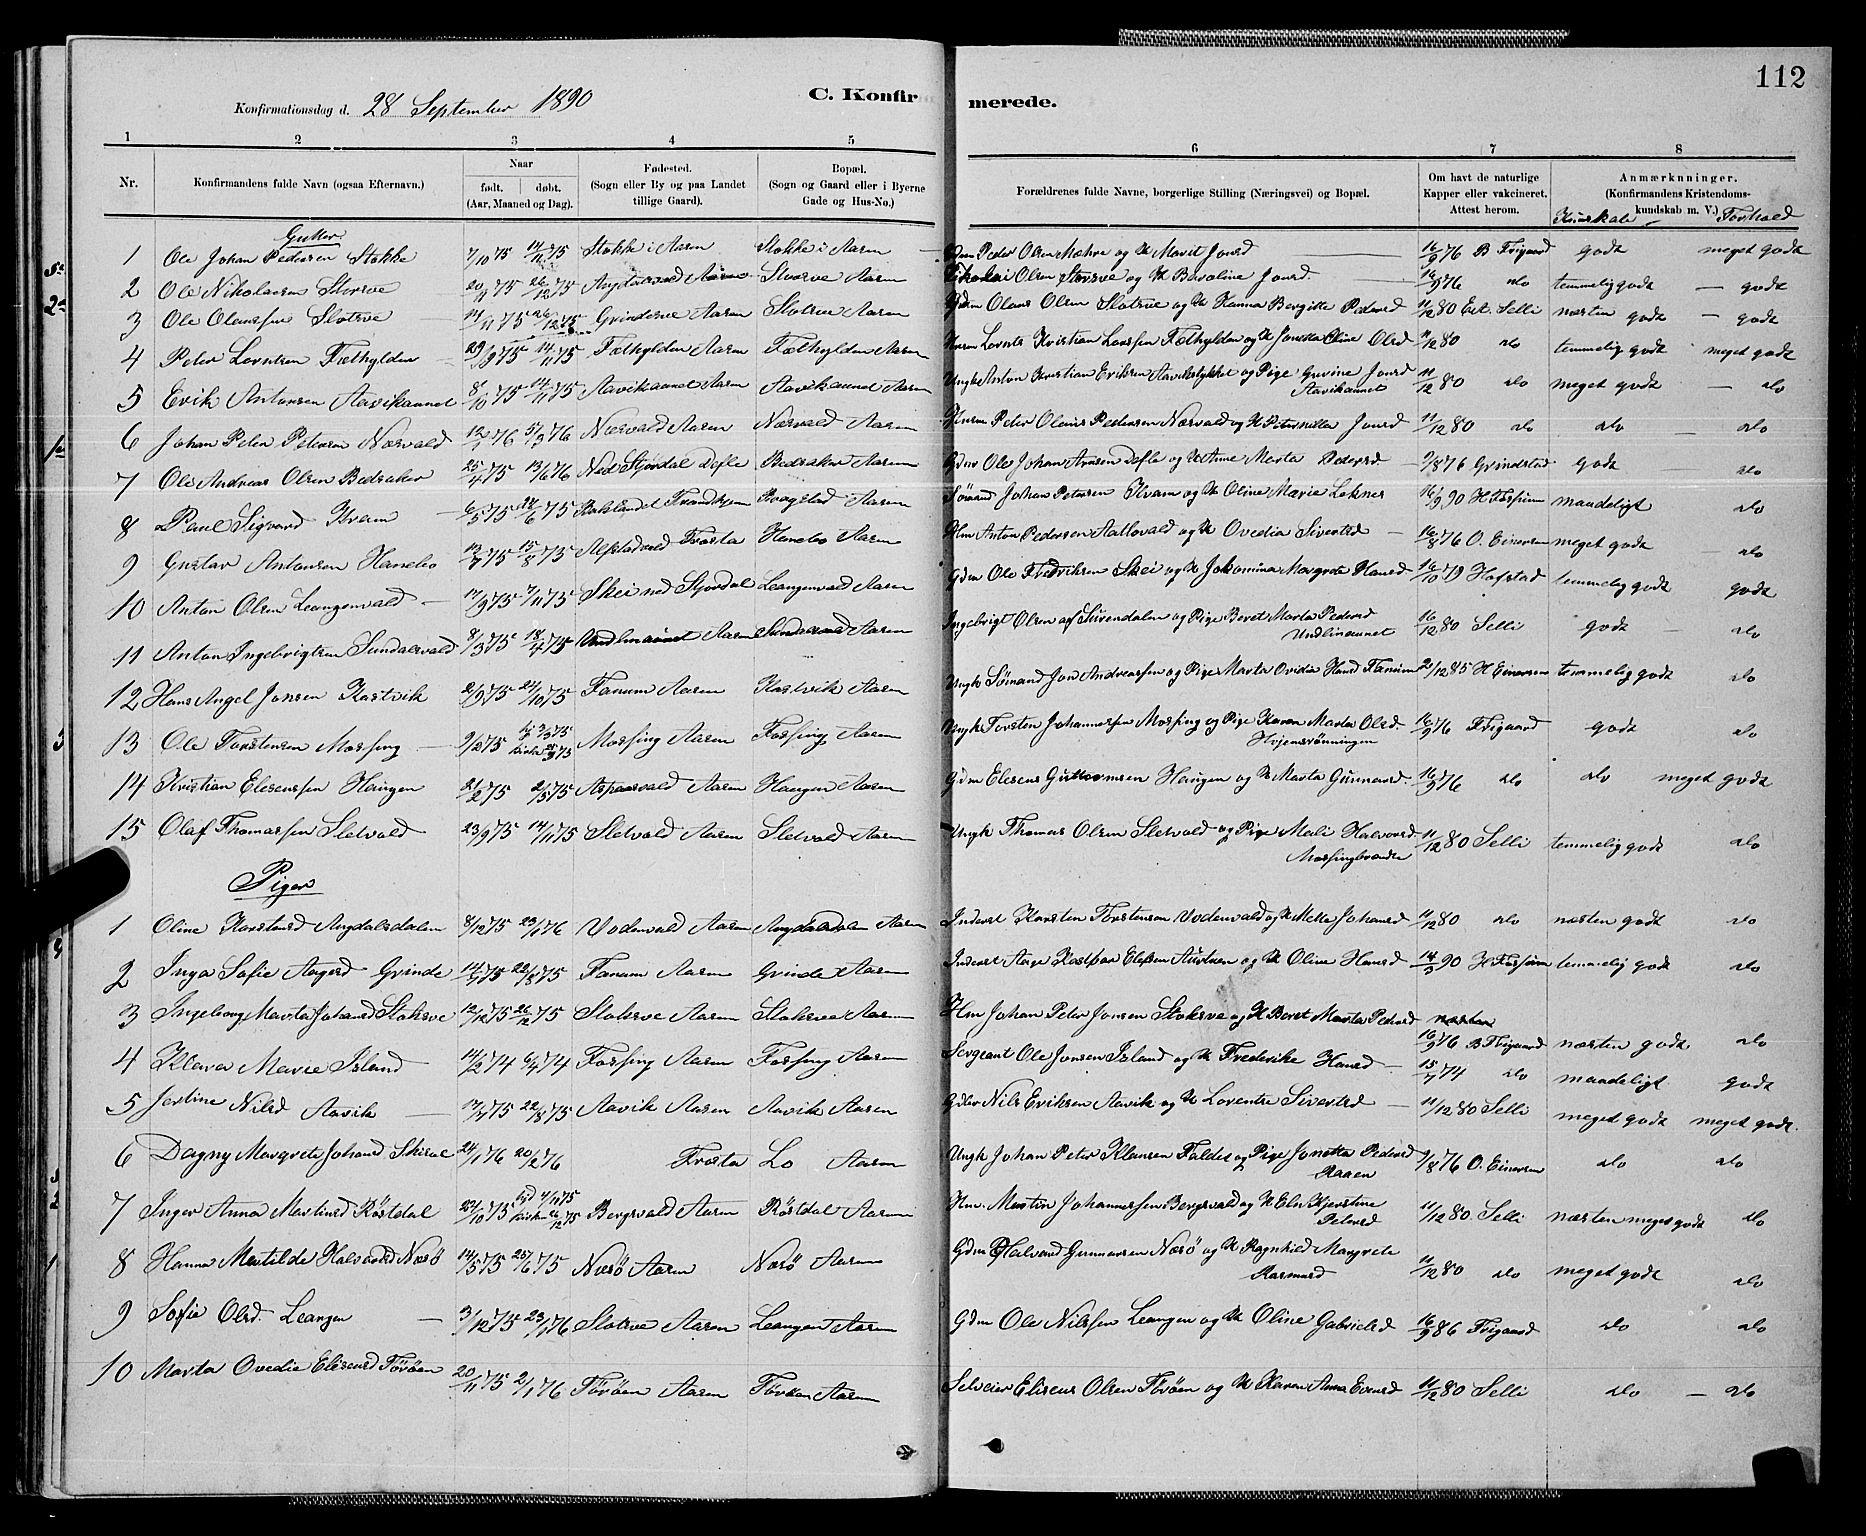 SAT, Ministerialprotokoller, klokkerbøker og fødselsregistre - Nord-Trøndelag, 714/L0134: Klokkerbok nr. 714C03, 1878-1898, s. 112